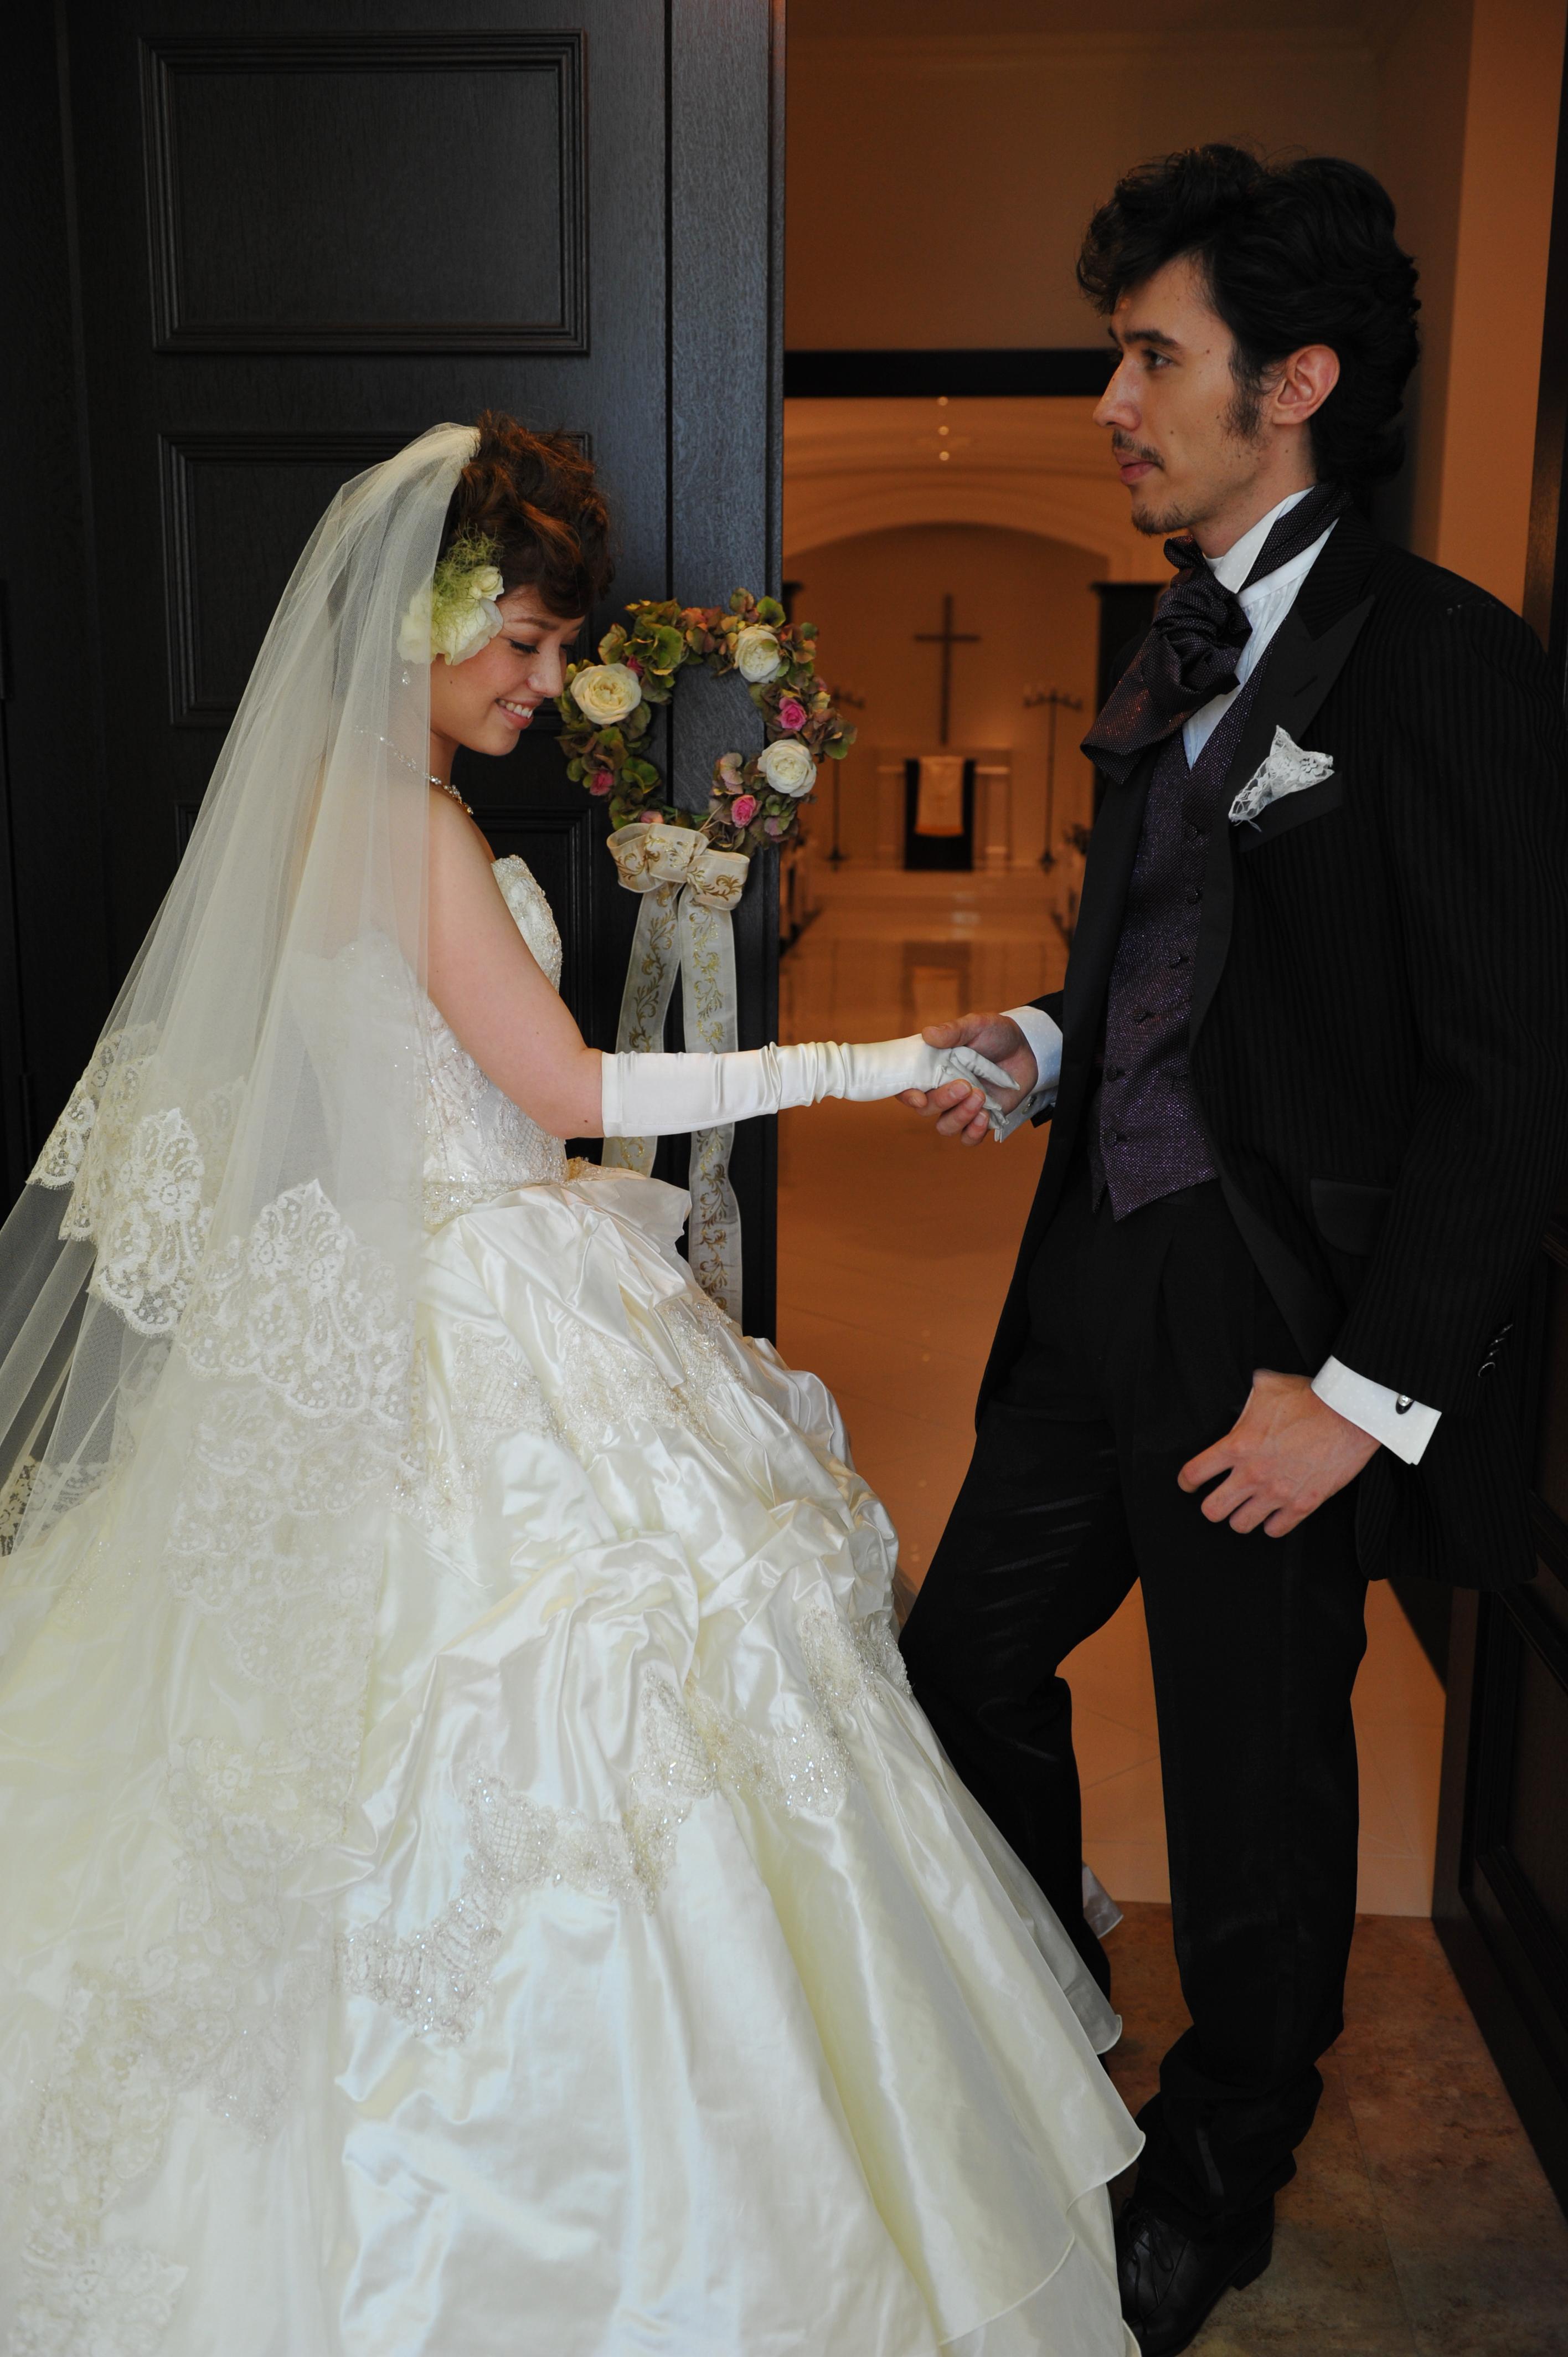 インポートドレス, タキシード, 白ドレス. wedding